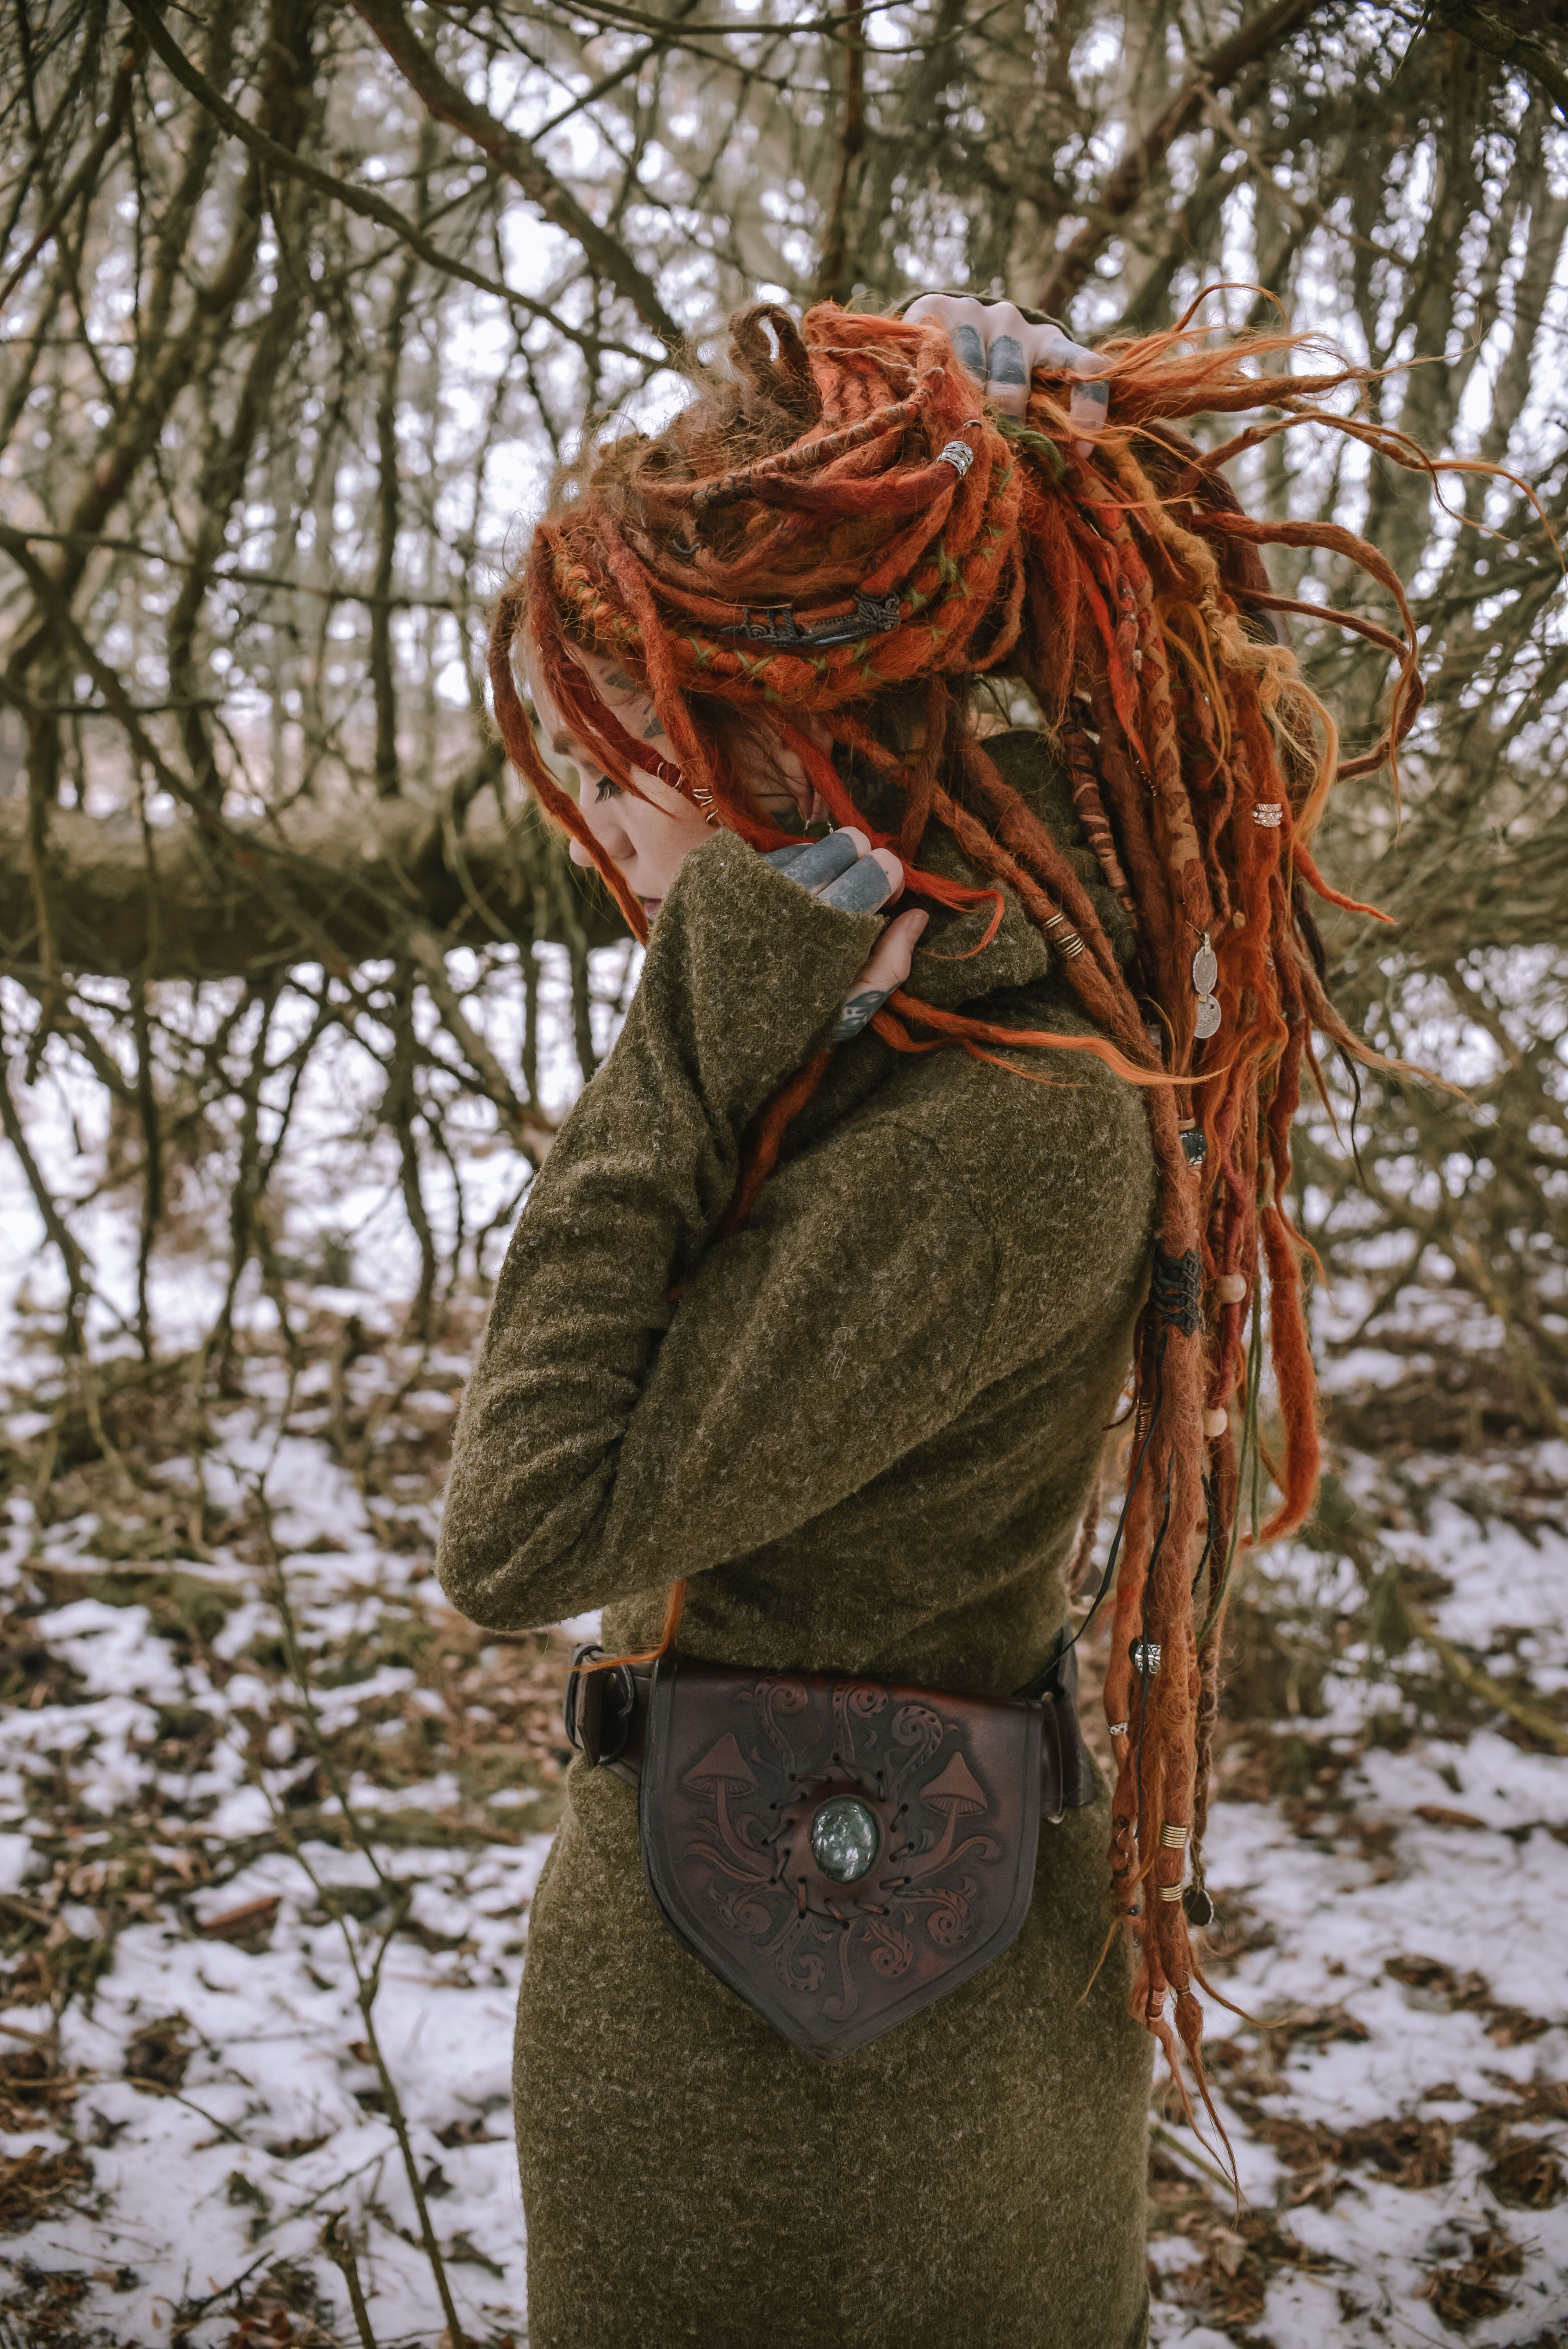 dreads #hair #dreads #dreadstyles #dreadlocks # ...